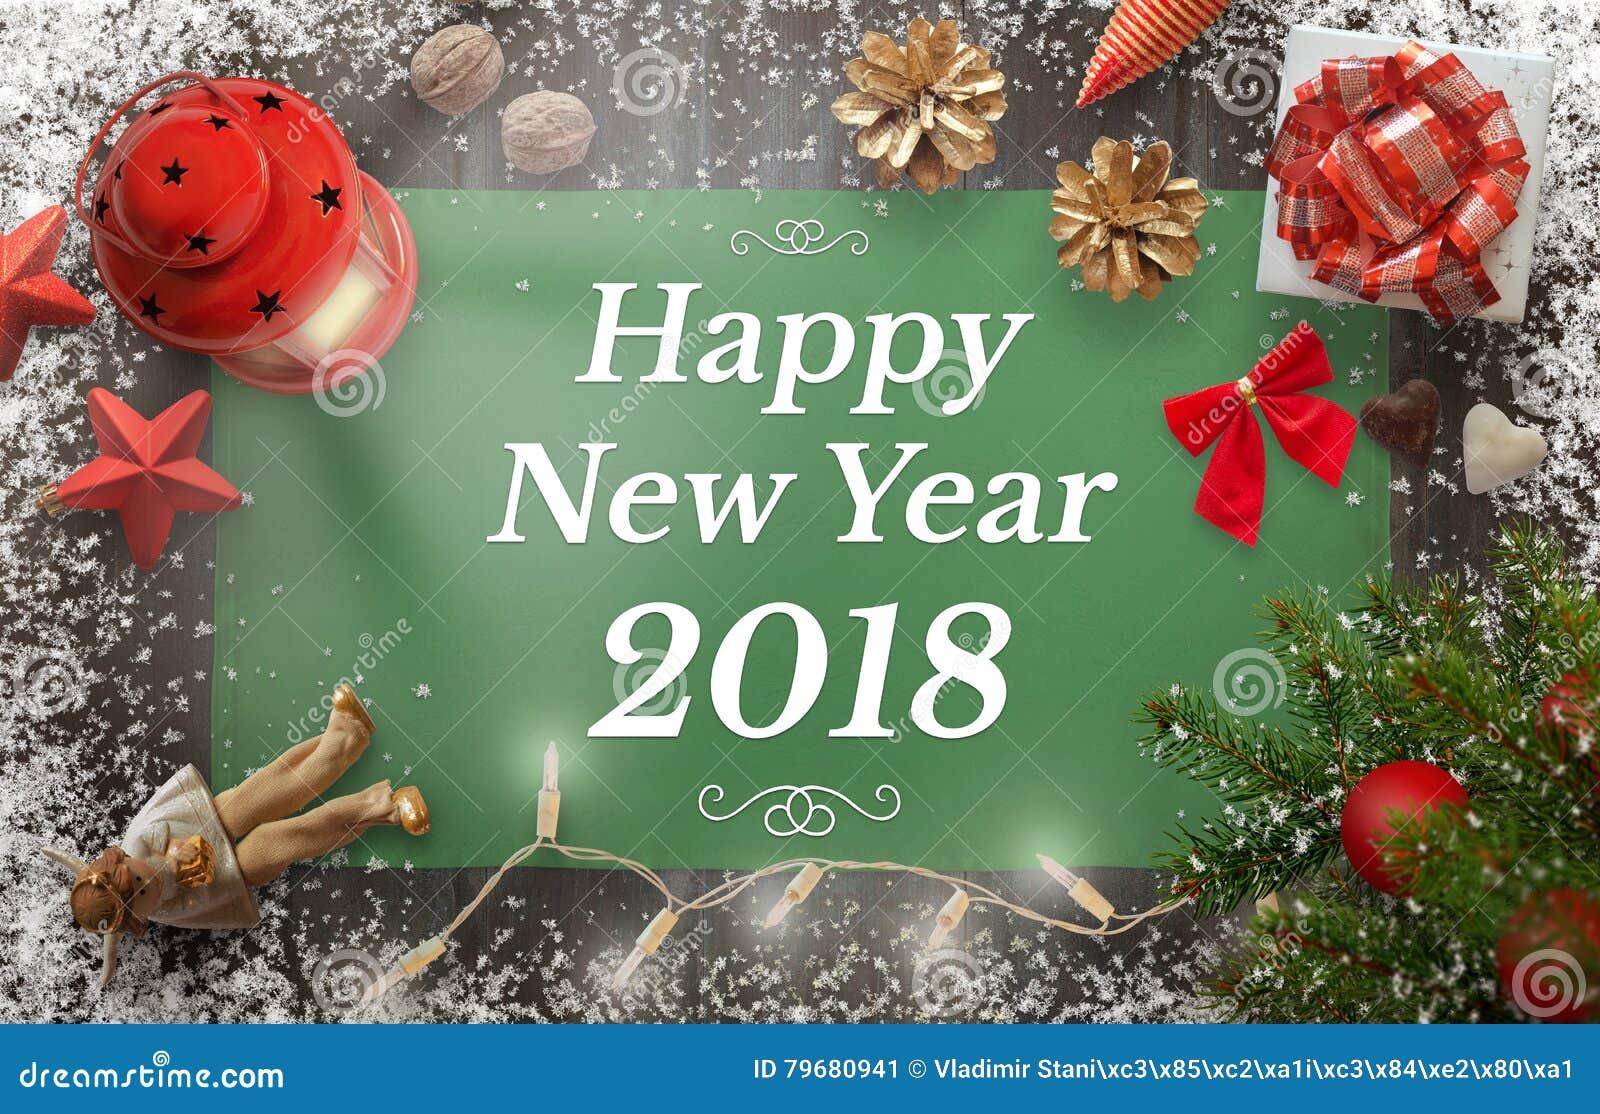 Guten Rutsch ins Neue Jahr-Gruß mit Weihnachtsbaum, Geschenk, Dekorationen